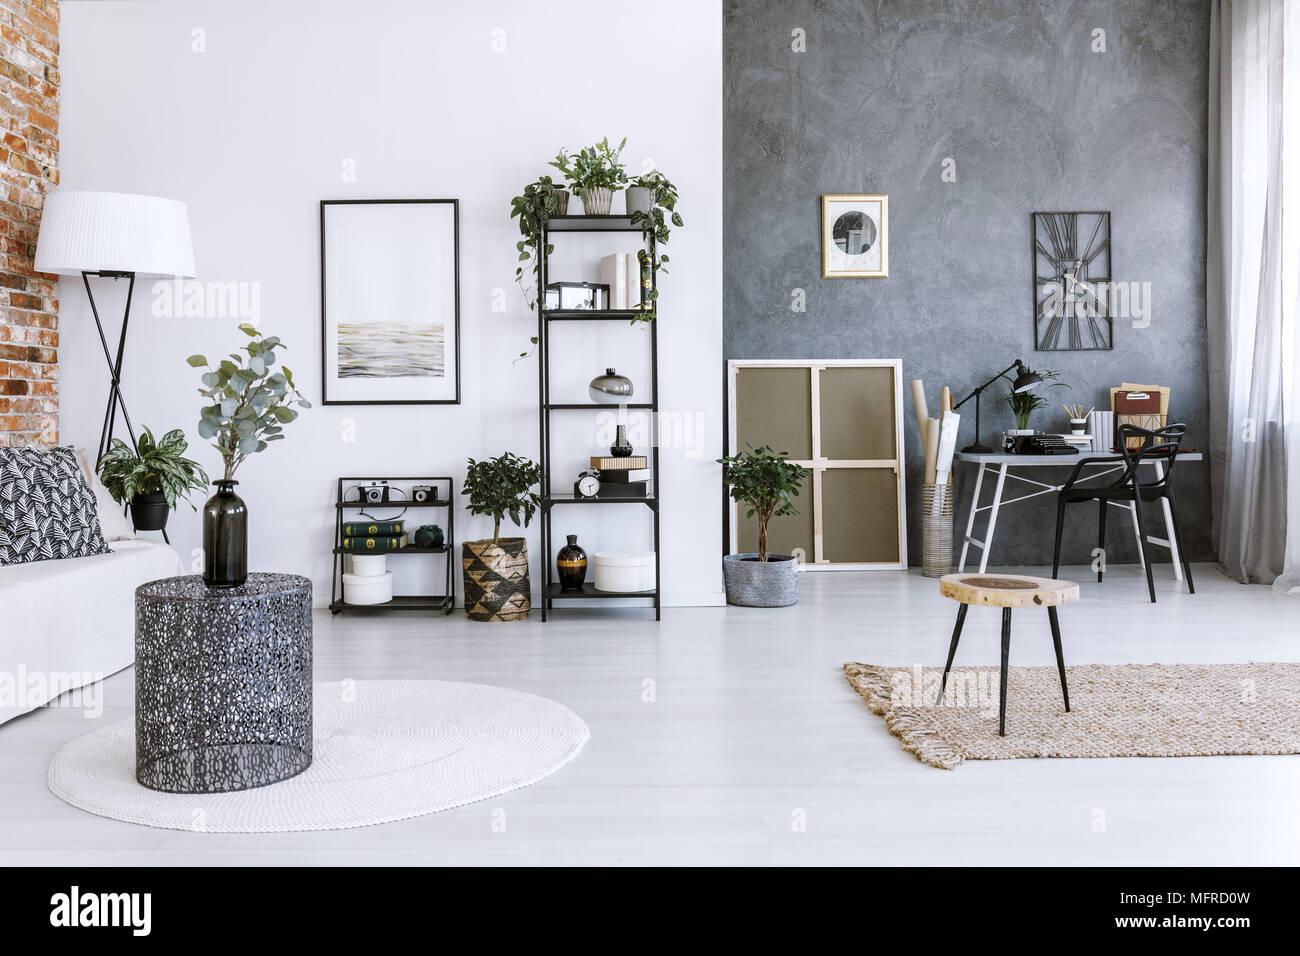 Grau Home Office mit Pflanzen, Metall Couchtisch und roh, Betonwand Stockbild